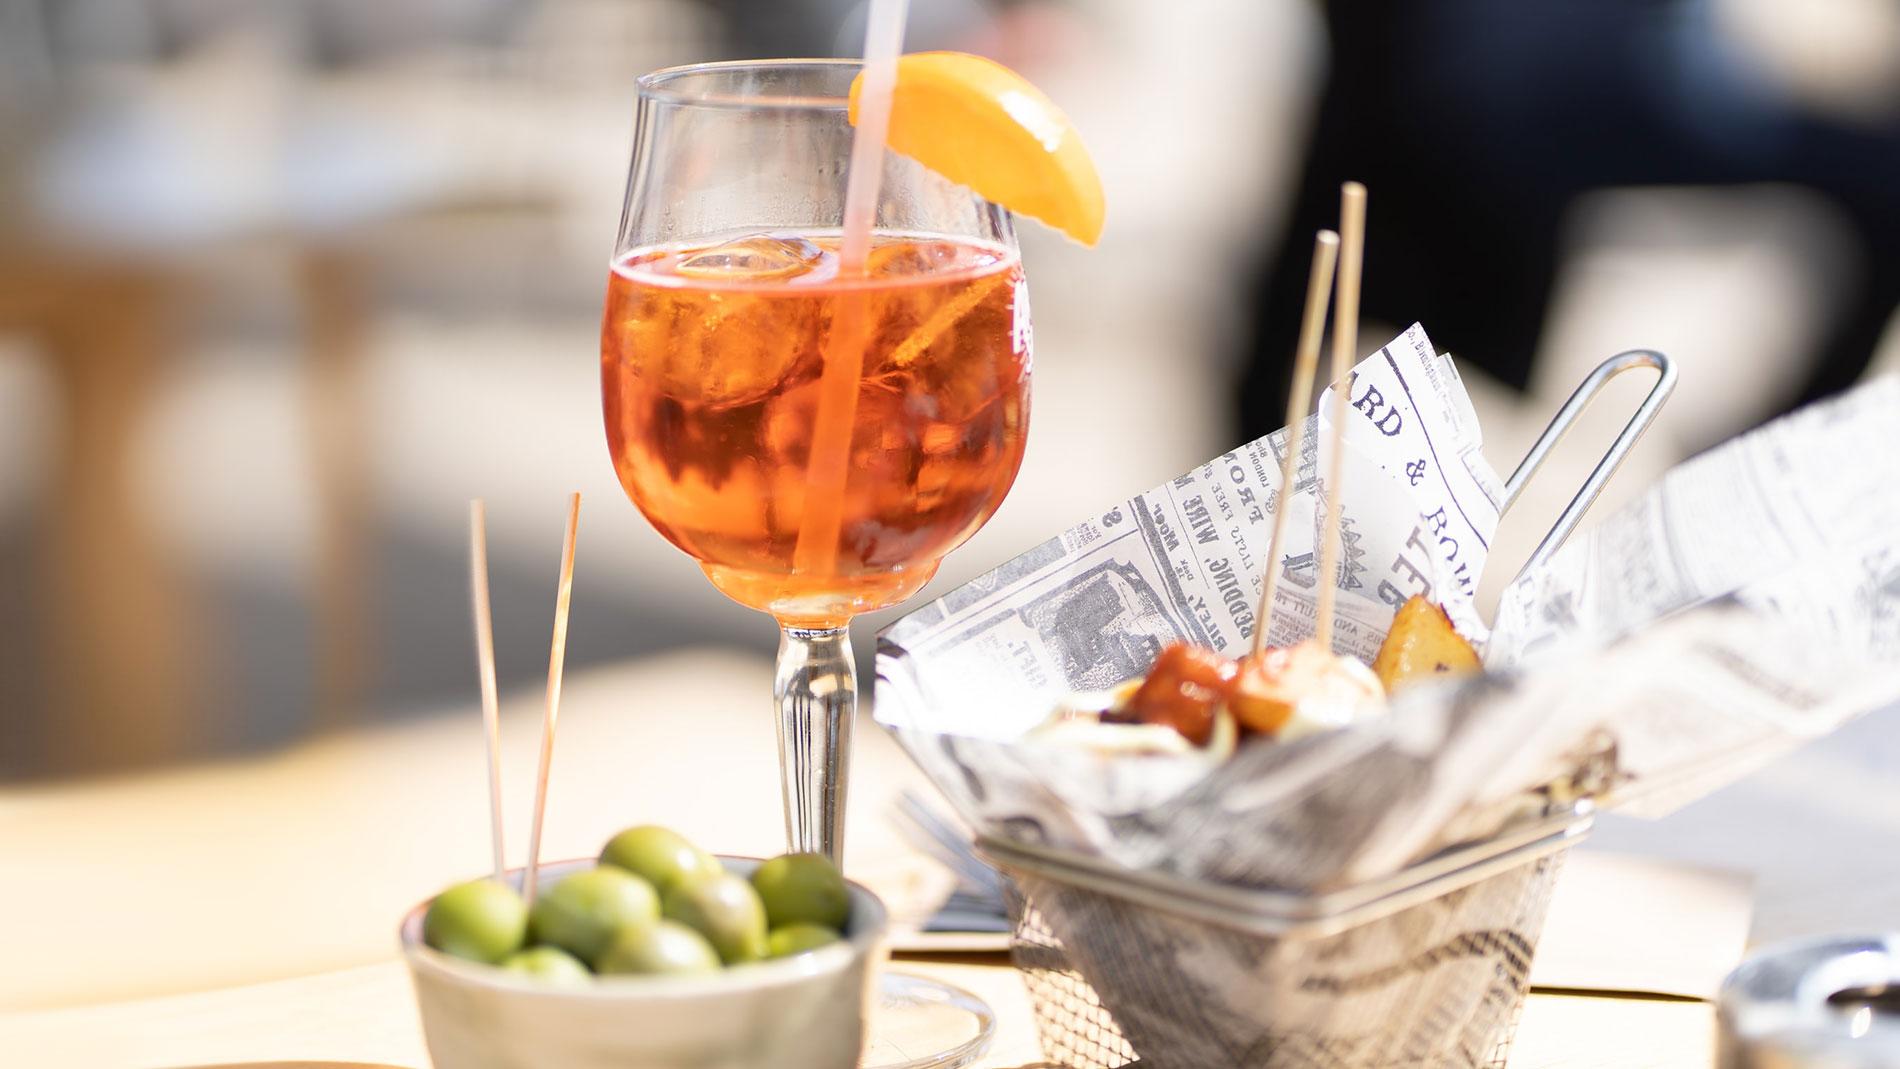 Make this: 2 classic Italian spritzes